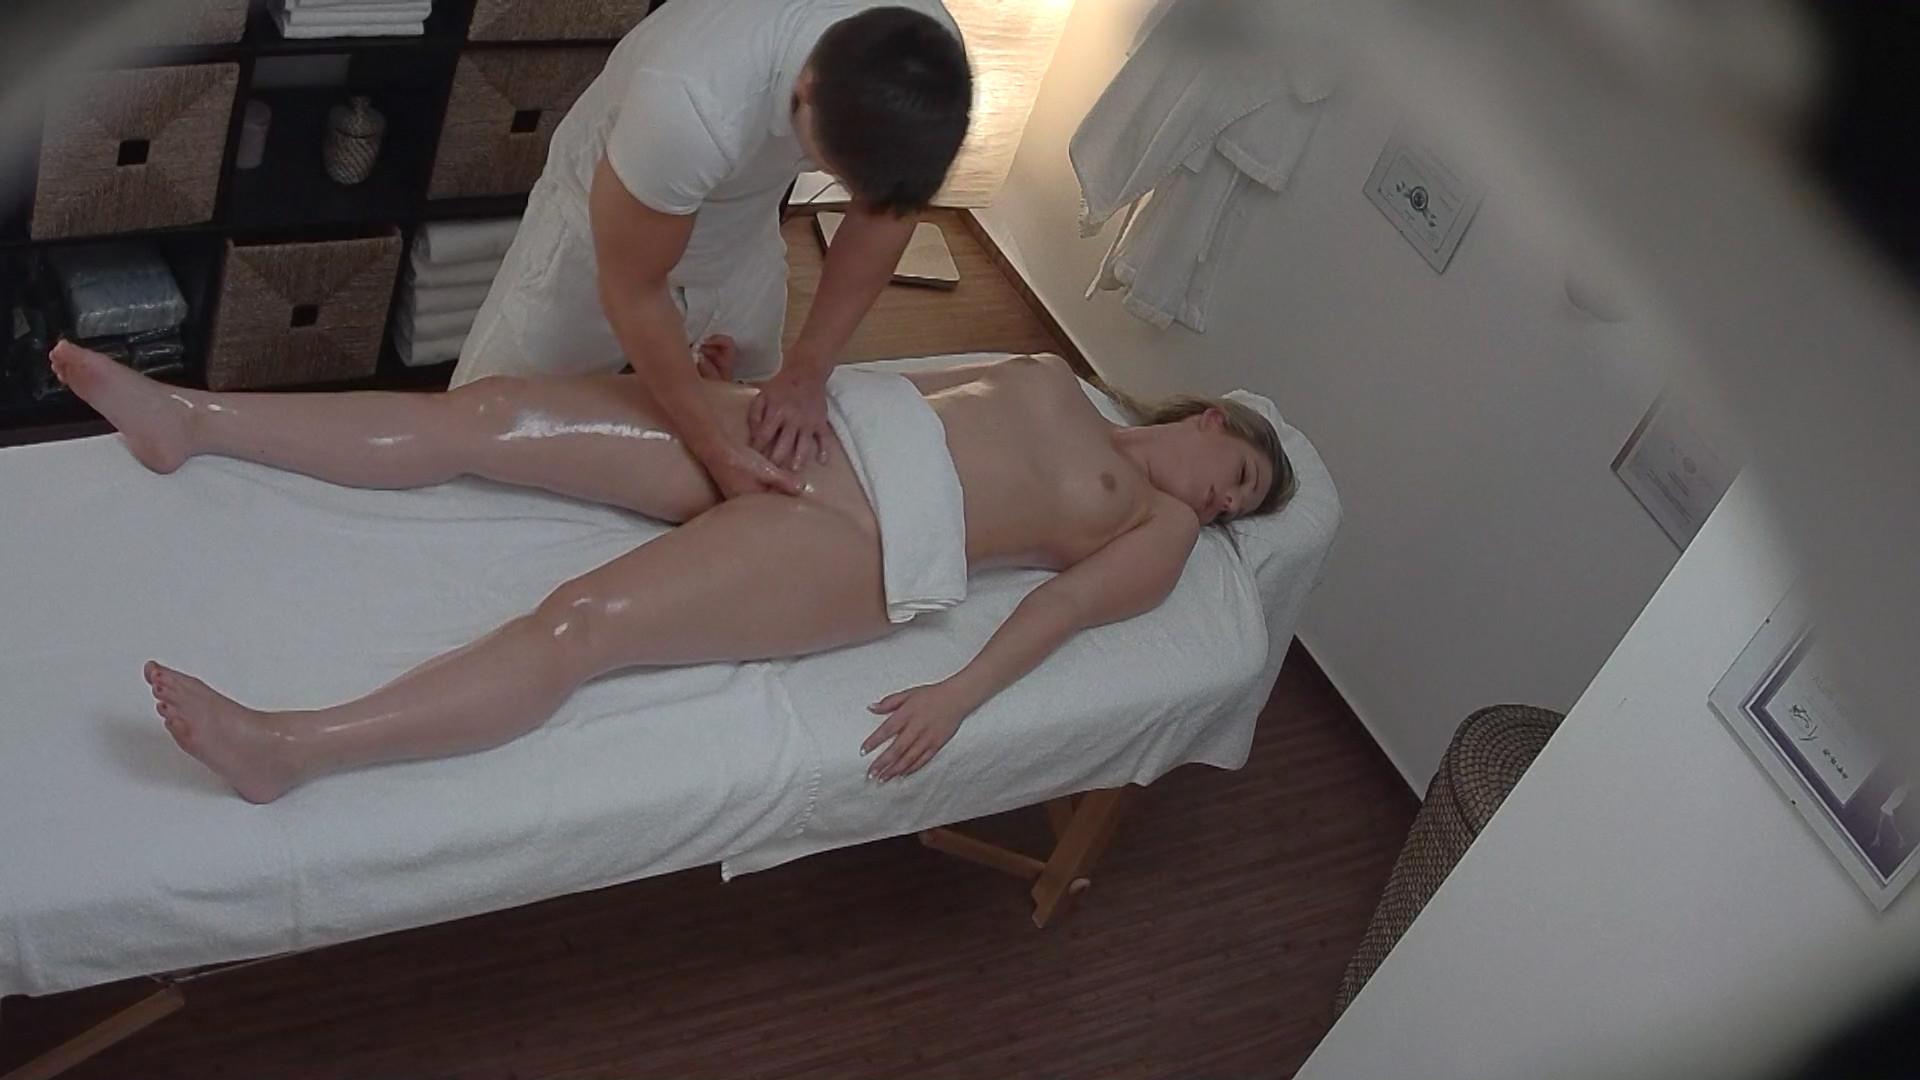 cheshskiy-massazh-salon-porno